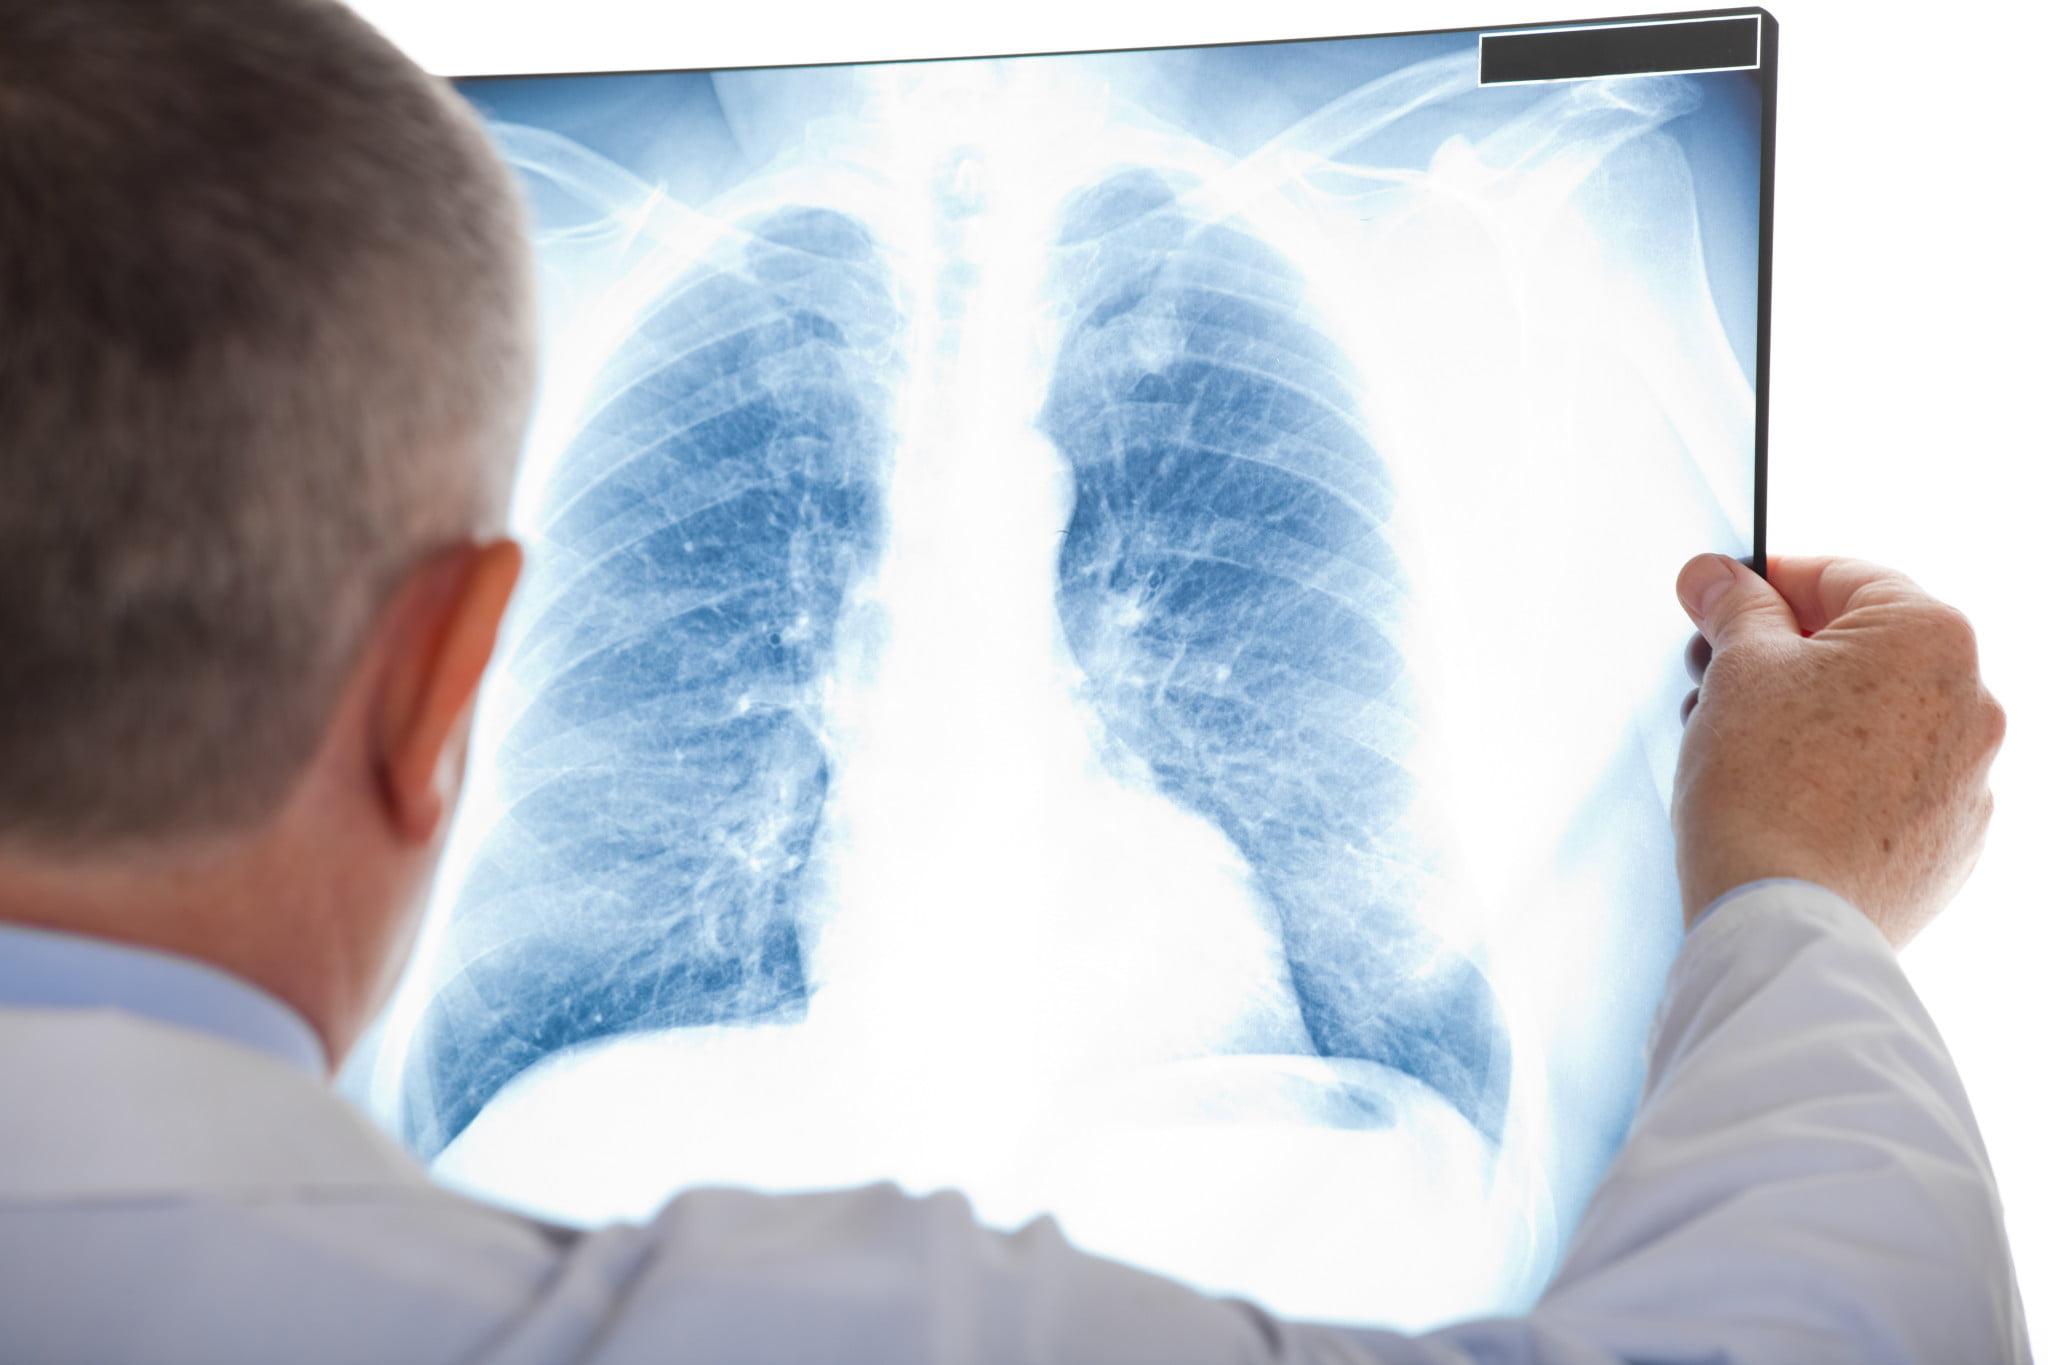 lung radiography, pneumonia awareness